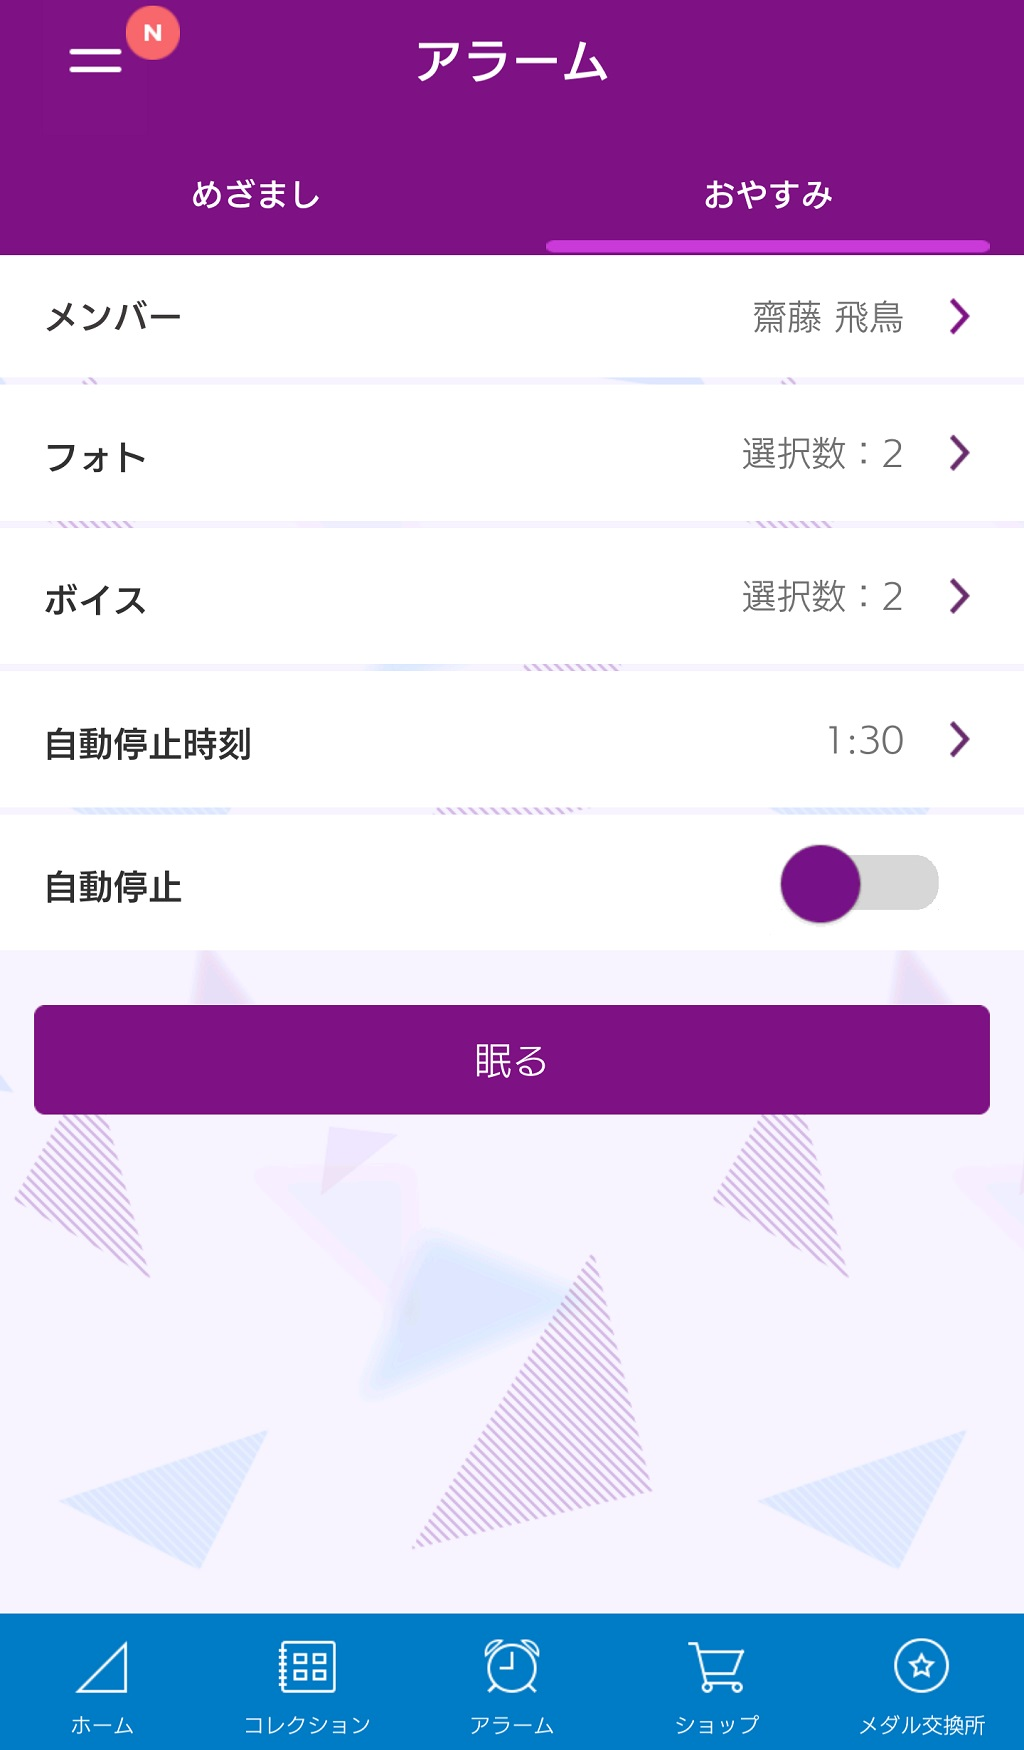 乃木坂46~always with you~